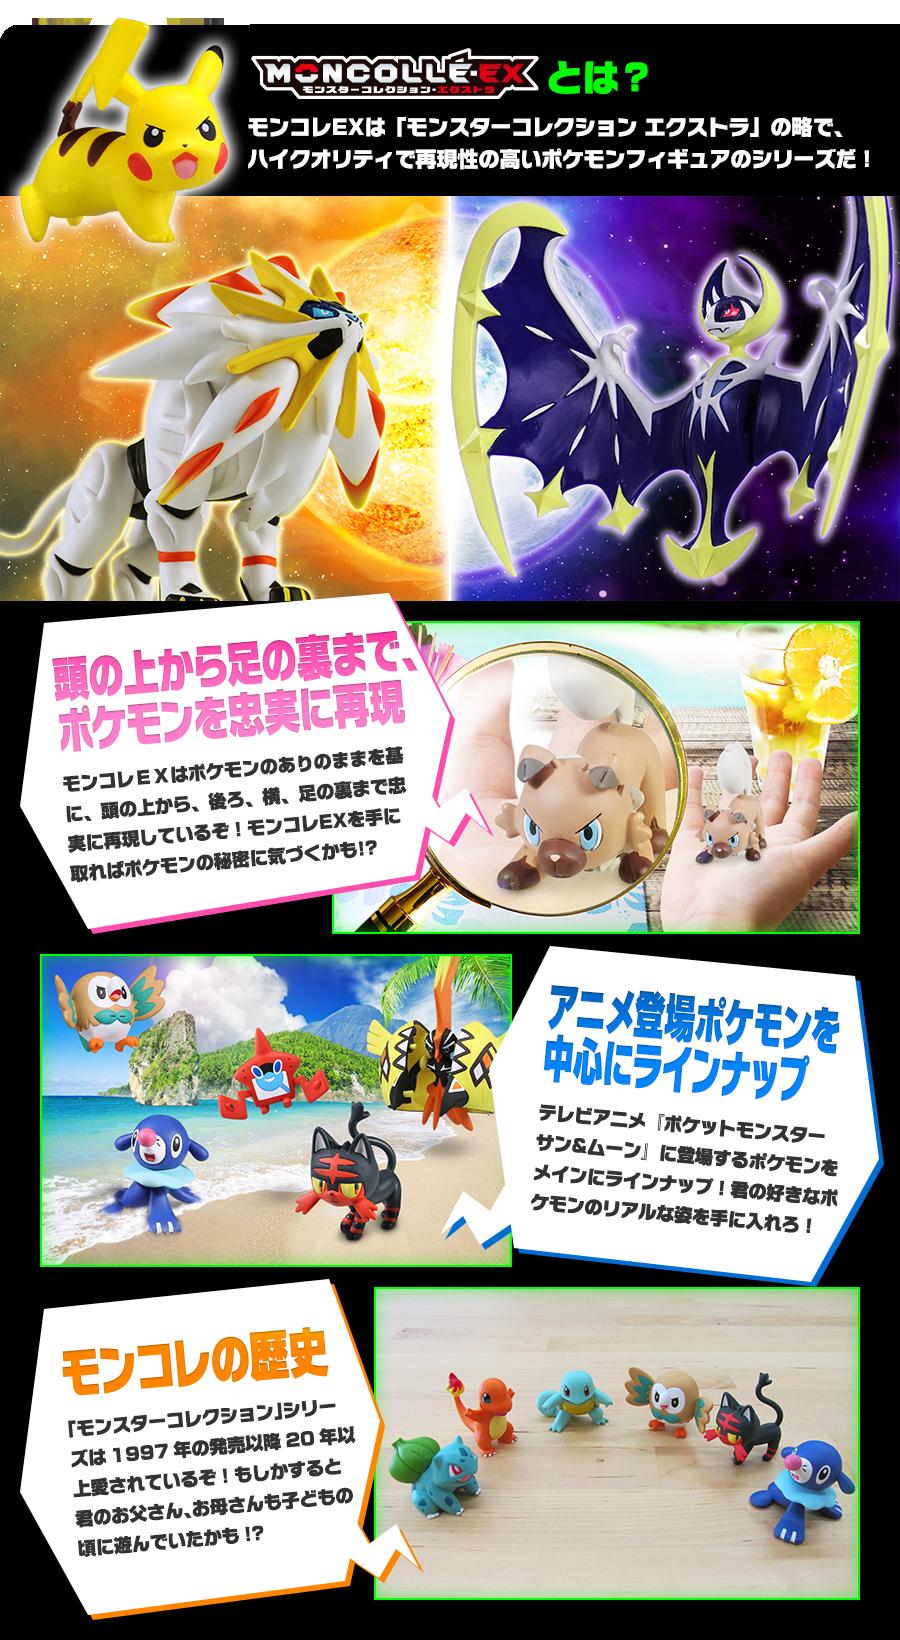 モンコレEXは「モンスターコレクション エクストラ」の略で、ハイクオリティで再現性の高いポケモンフィギュアのシリーズだ!